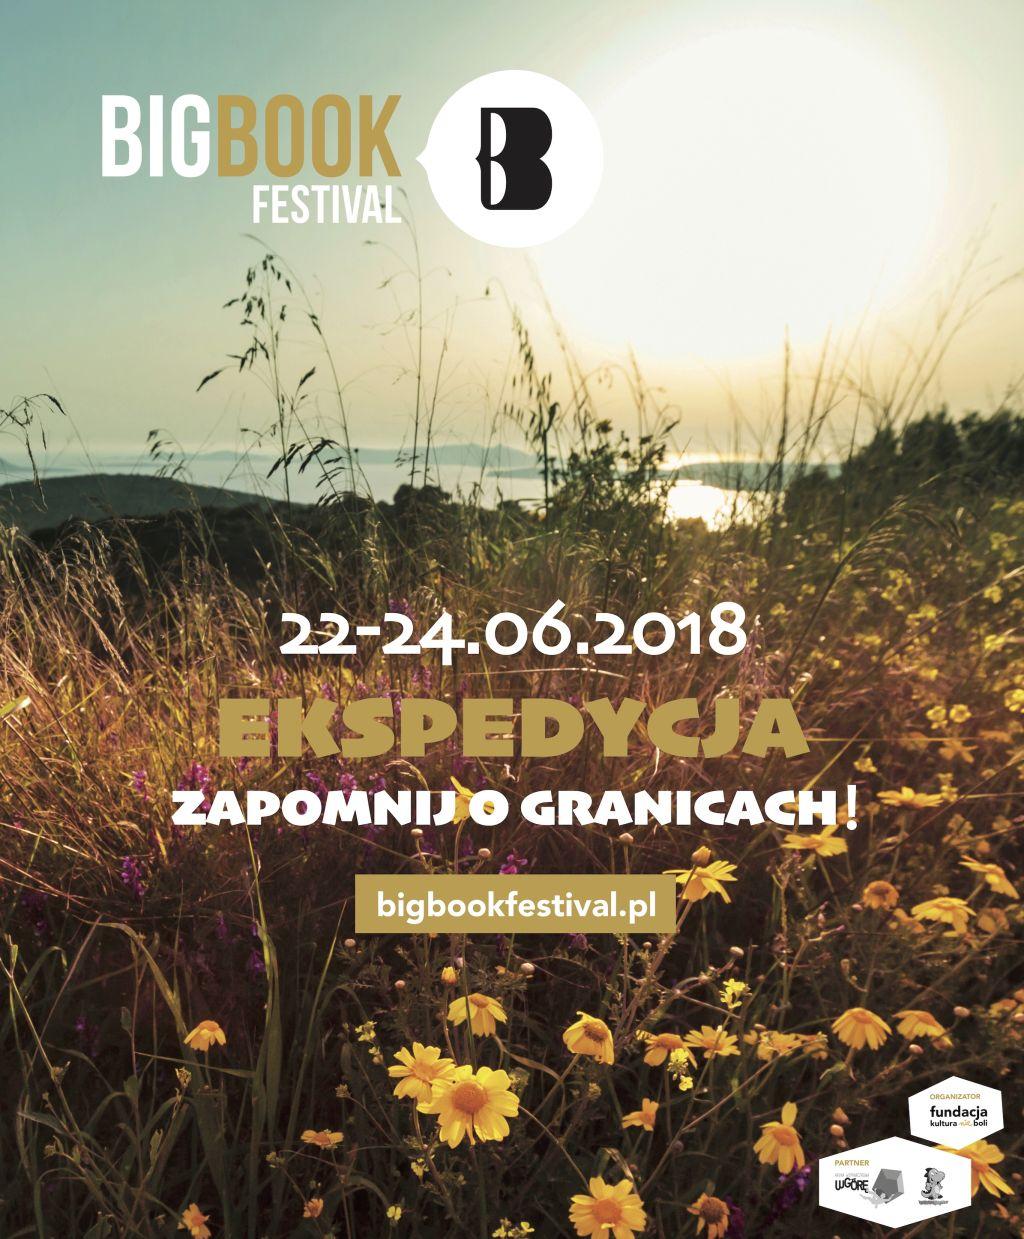 6. Big Book Festival (źródło: materiały prasowe organizatora)